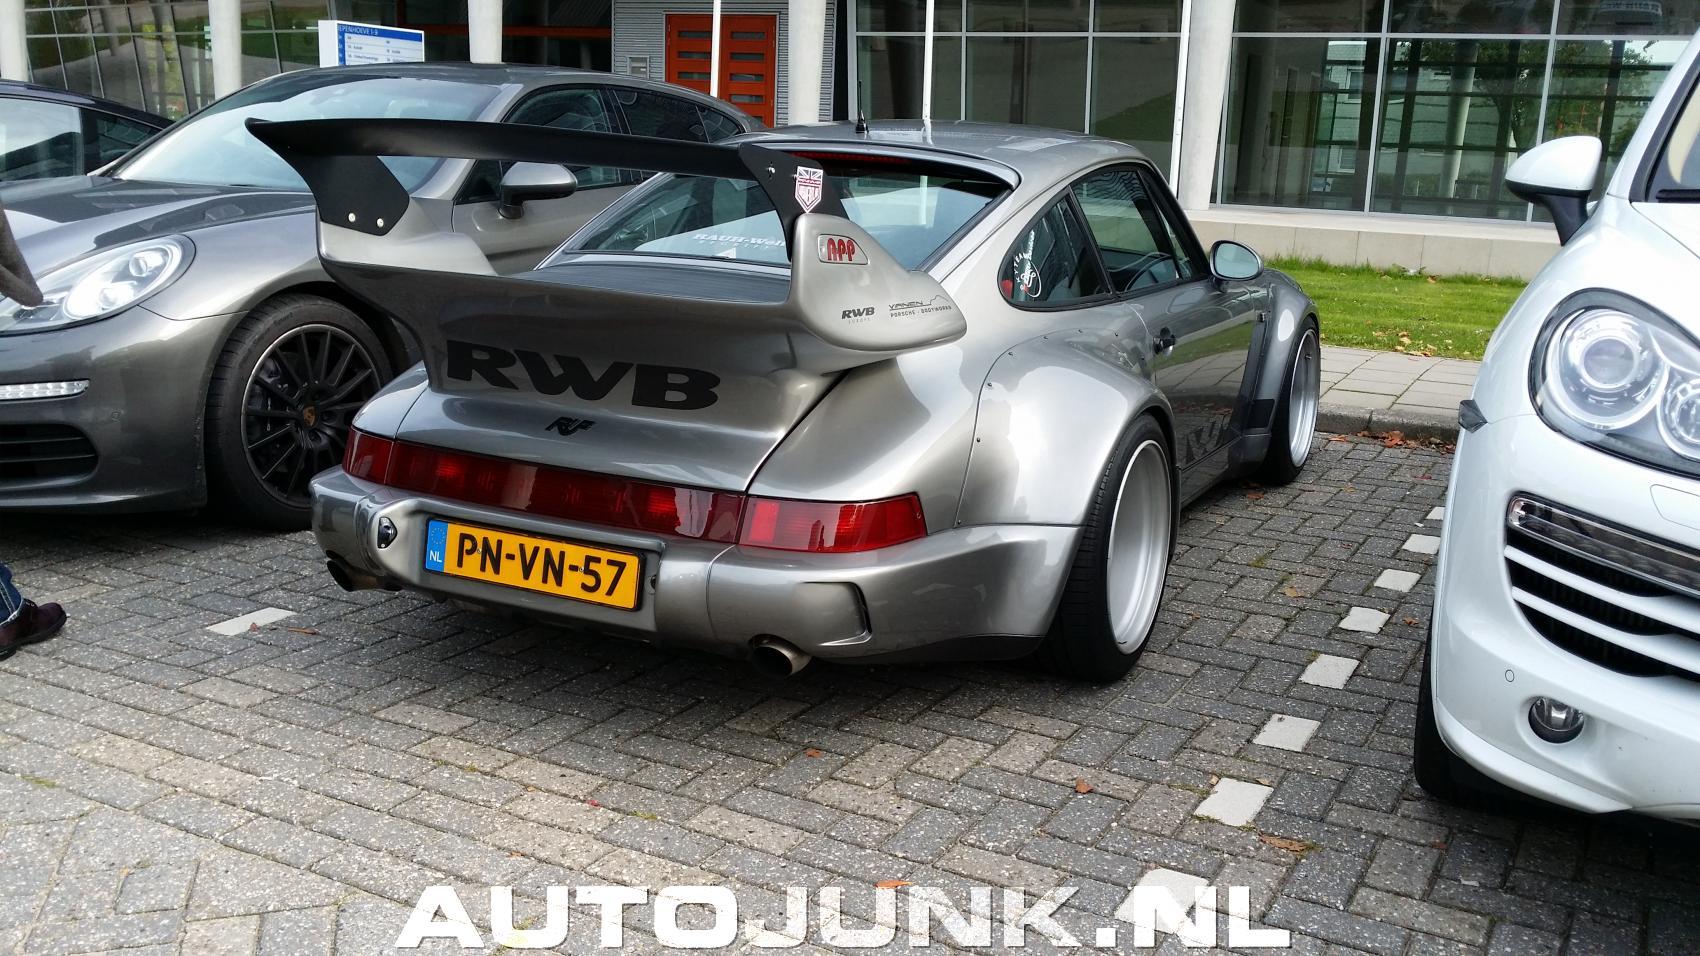 930 Turbo Rwb Foto's Porsche 930 Turbo Rwb